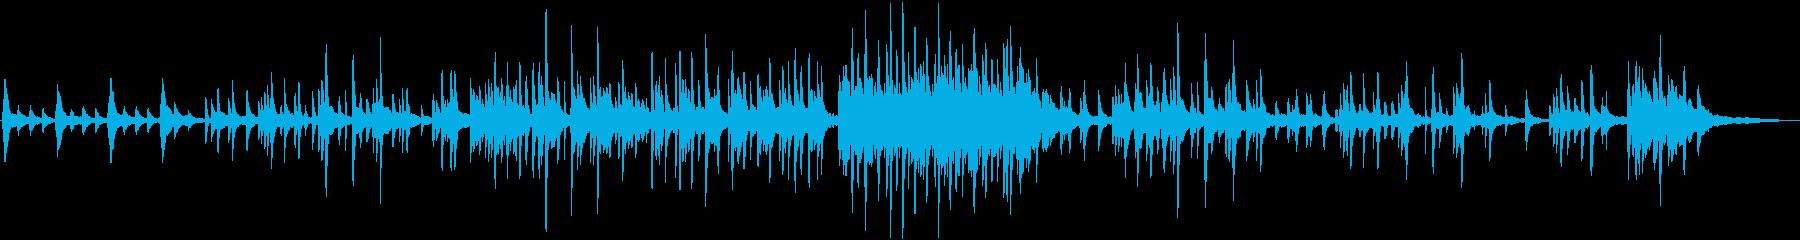 ピアノソロ生演奏による切ないヒーリングの再生済みの波形